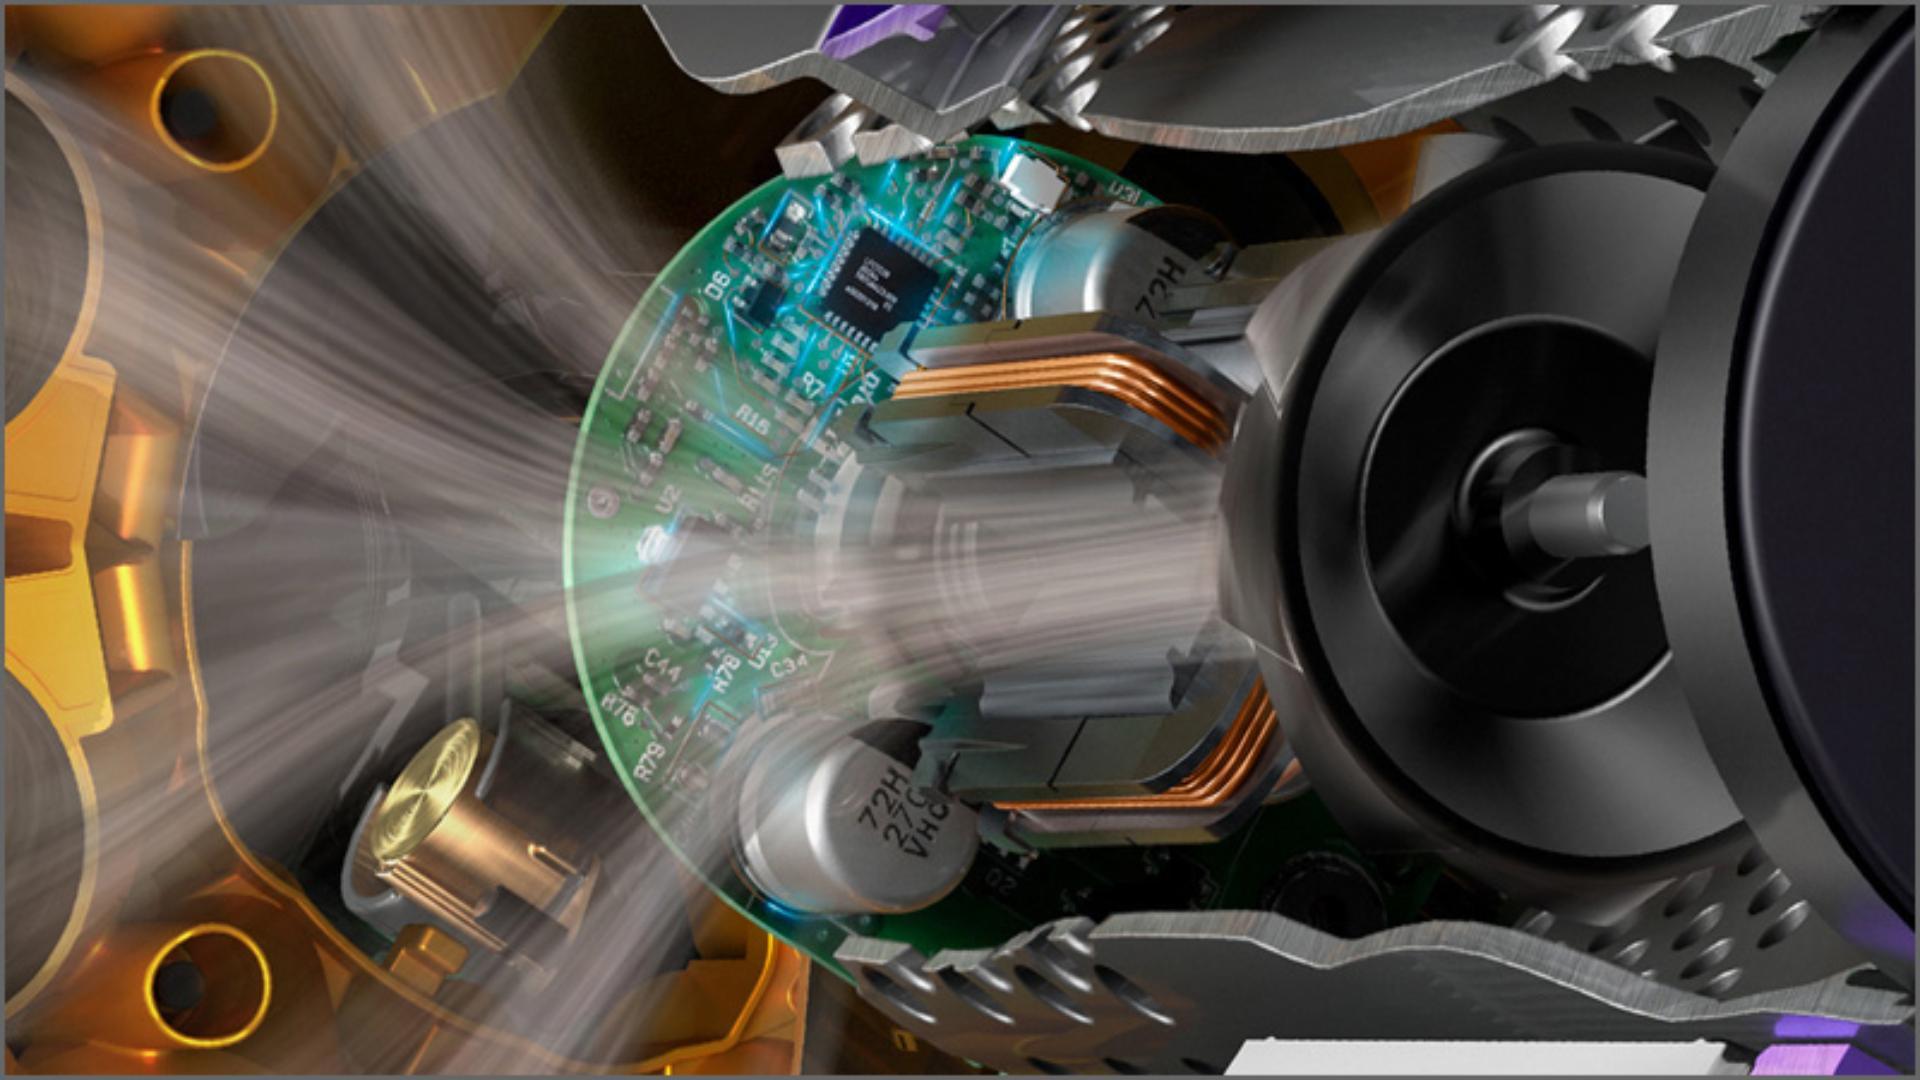 Cutaway image of a Dyson Hyperdymium motor